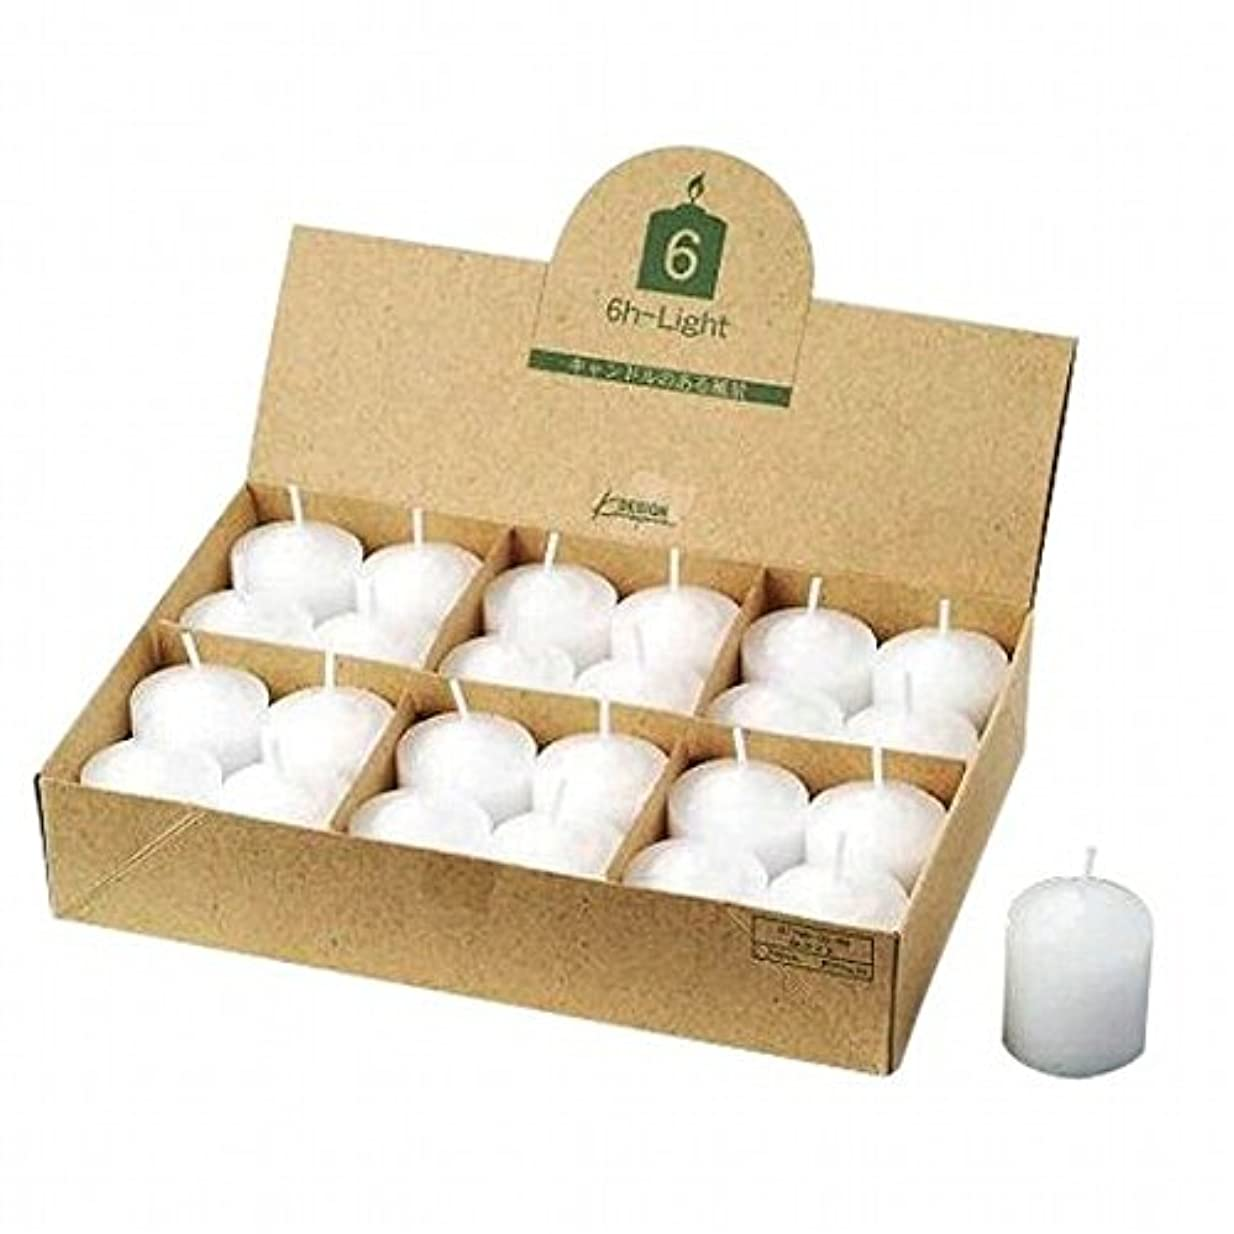 がんばり続けるドレイン公然とkameyama candle(カメヤマキャンドル) 6Hライト(6時間タイプ)24個入り(日本製)(77960099)